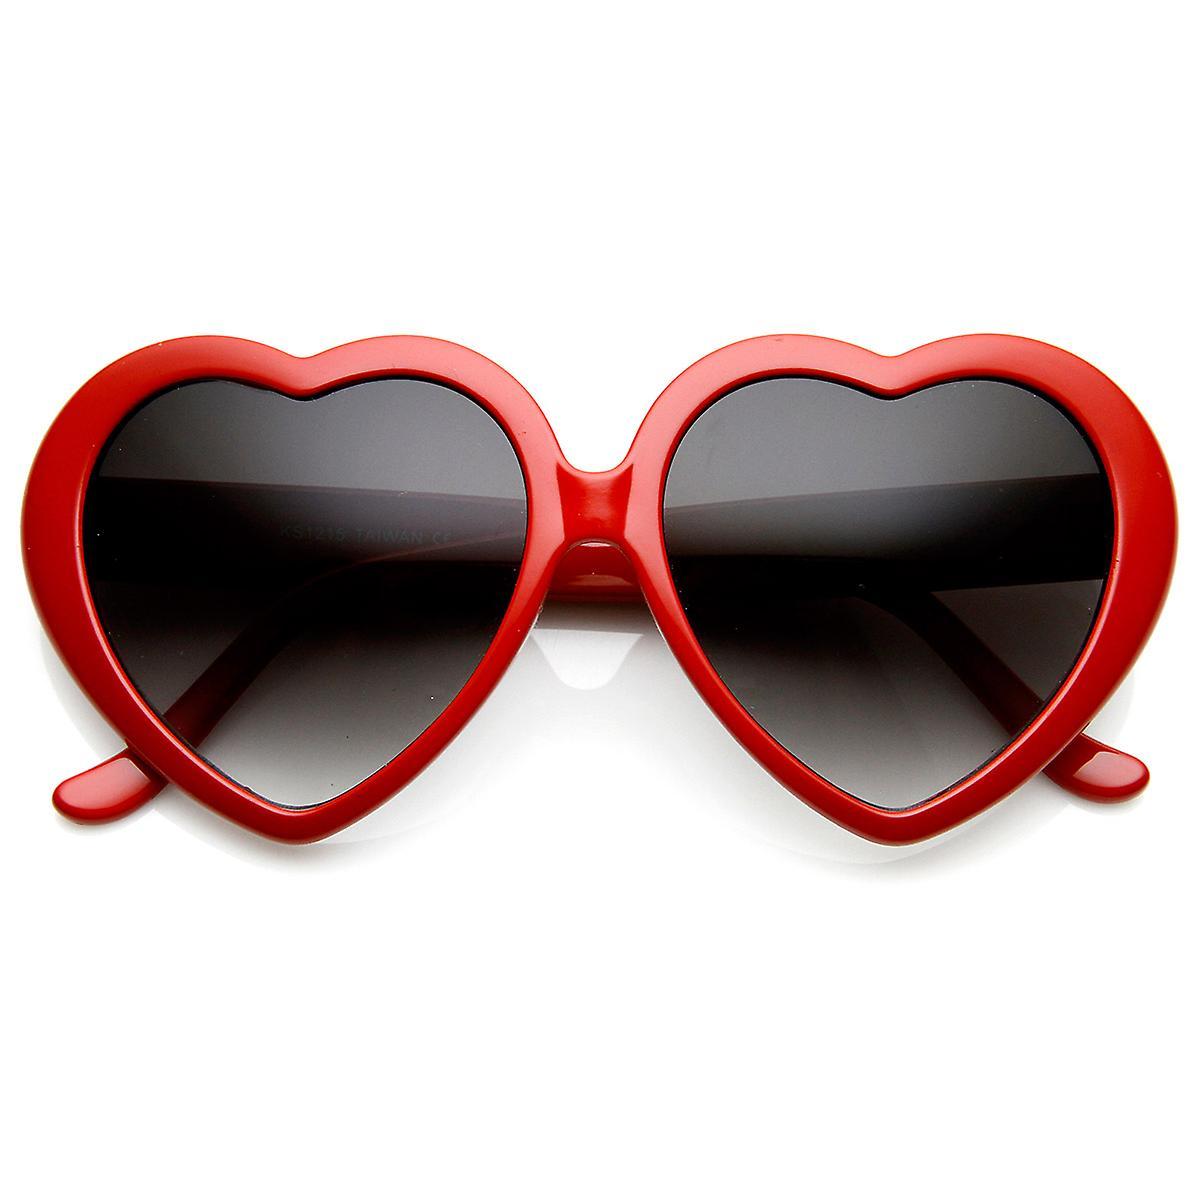 Stora hjärtformade överdimensionerade Womens solglasögon söt kärlek mode  glasögon 48ff247068ba9